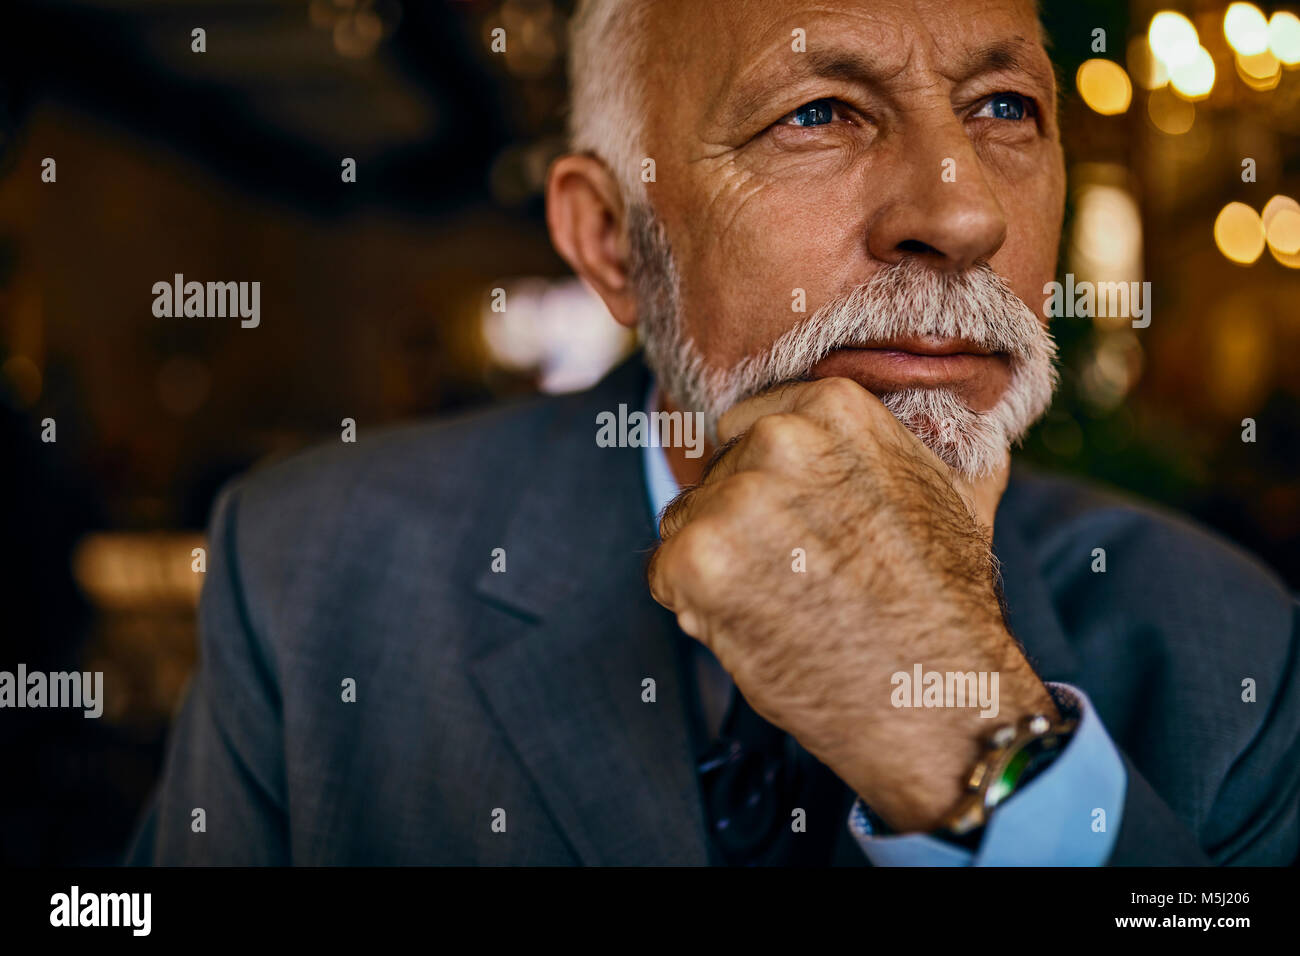 Portrait von eleganten älterer Mann denken Stockbild